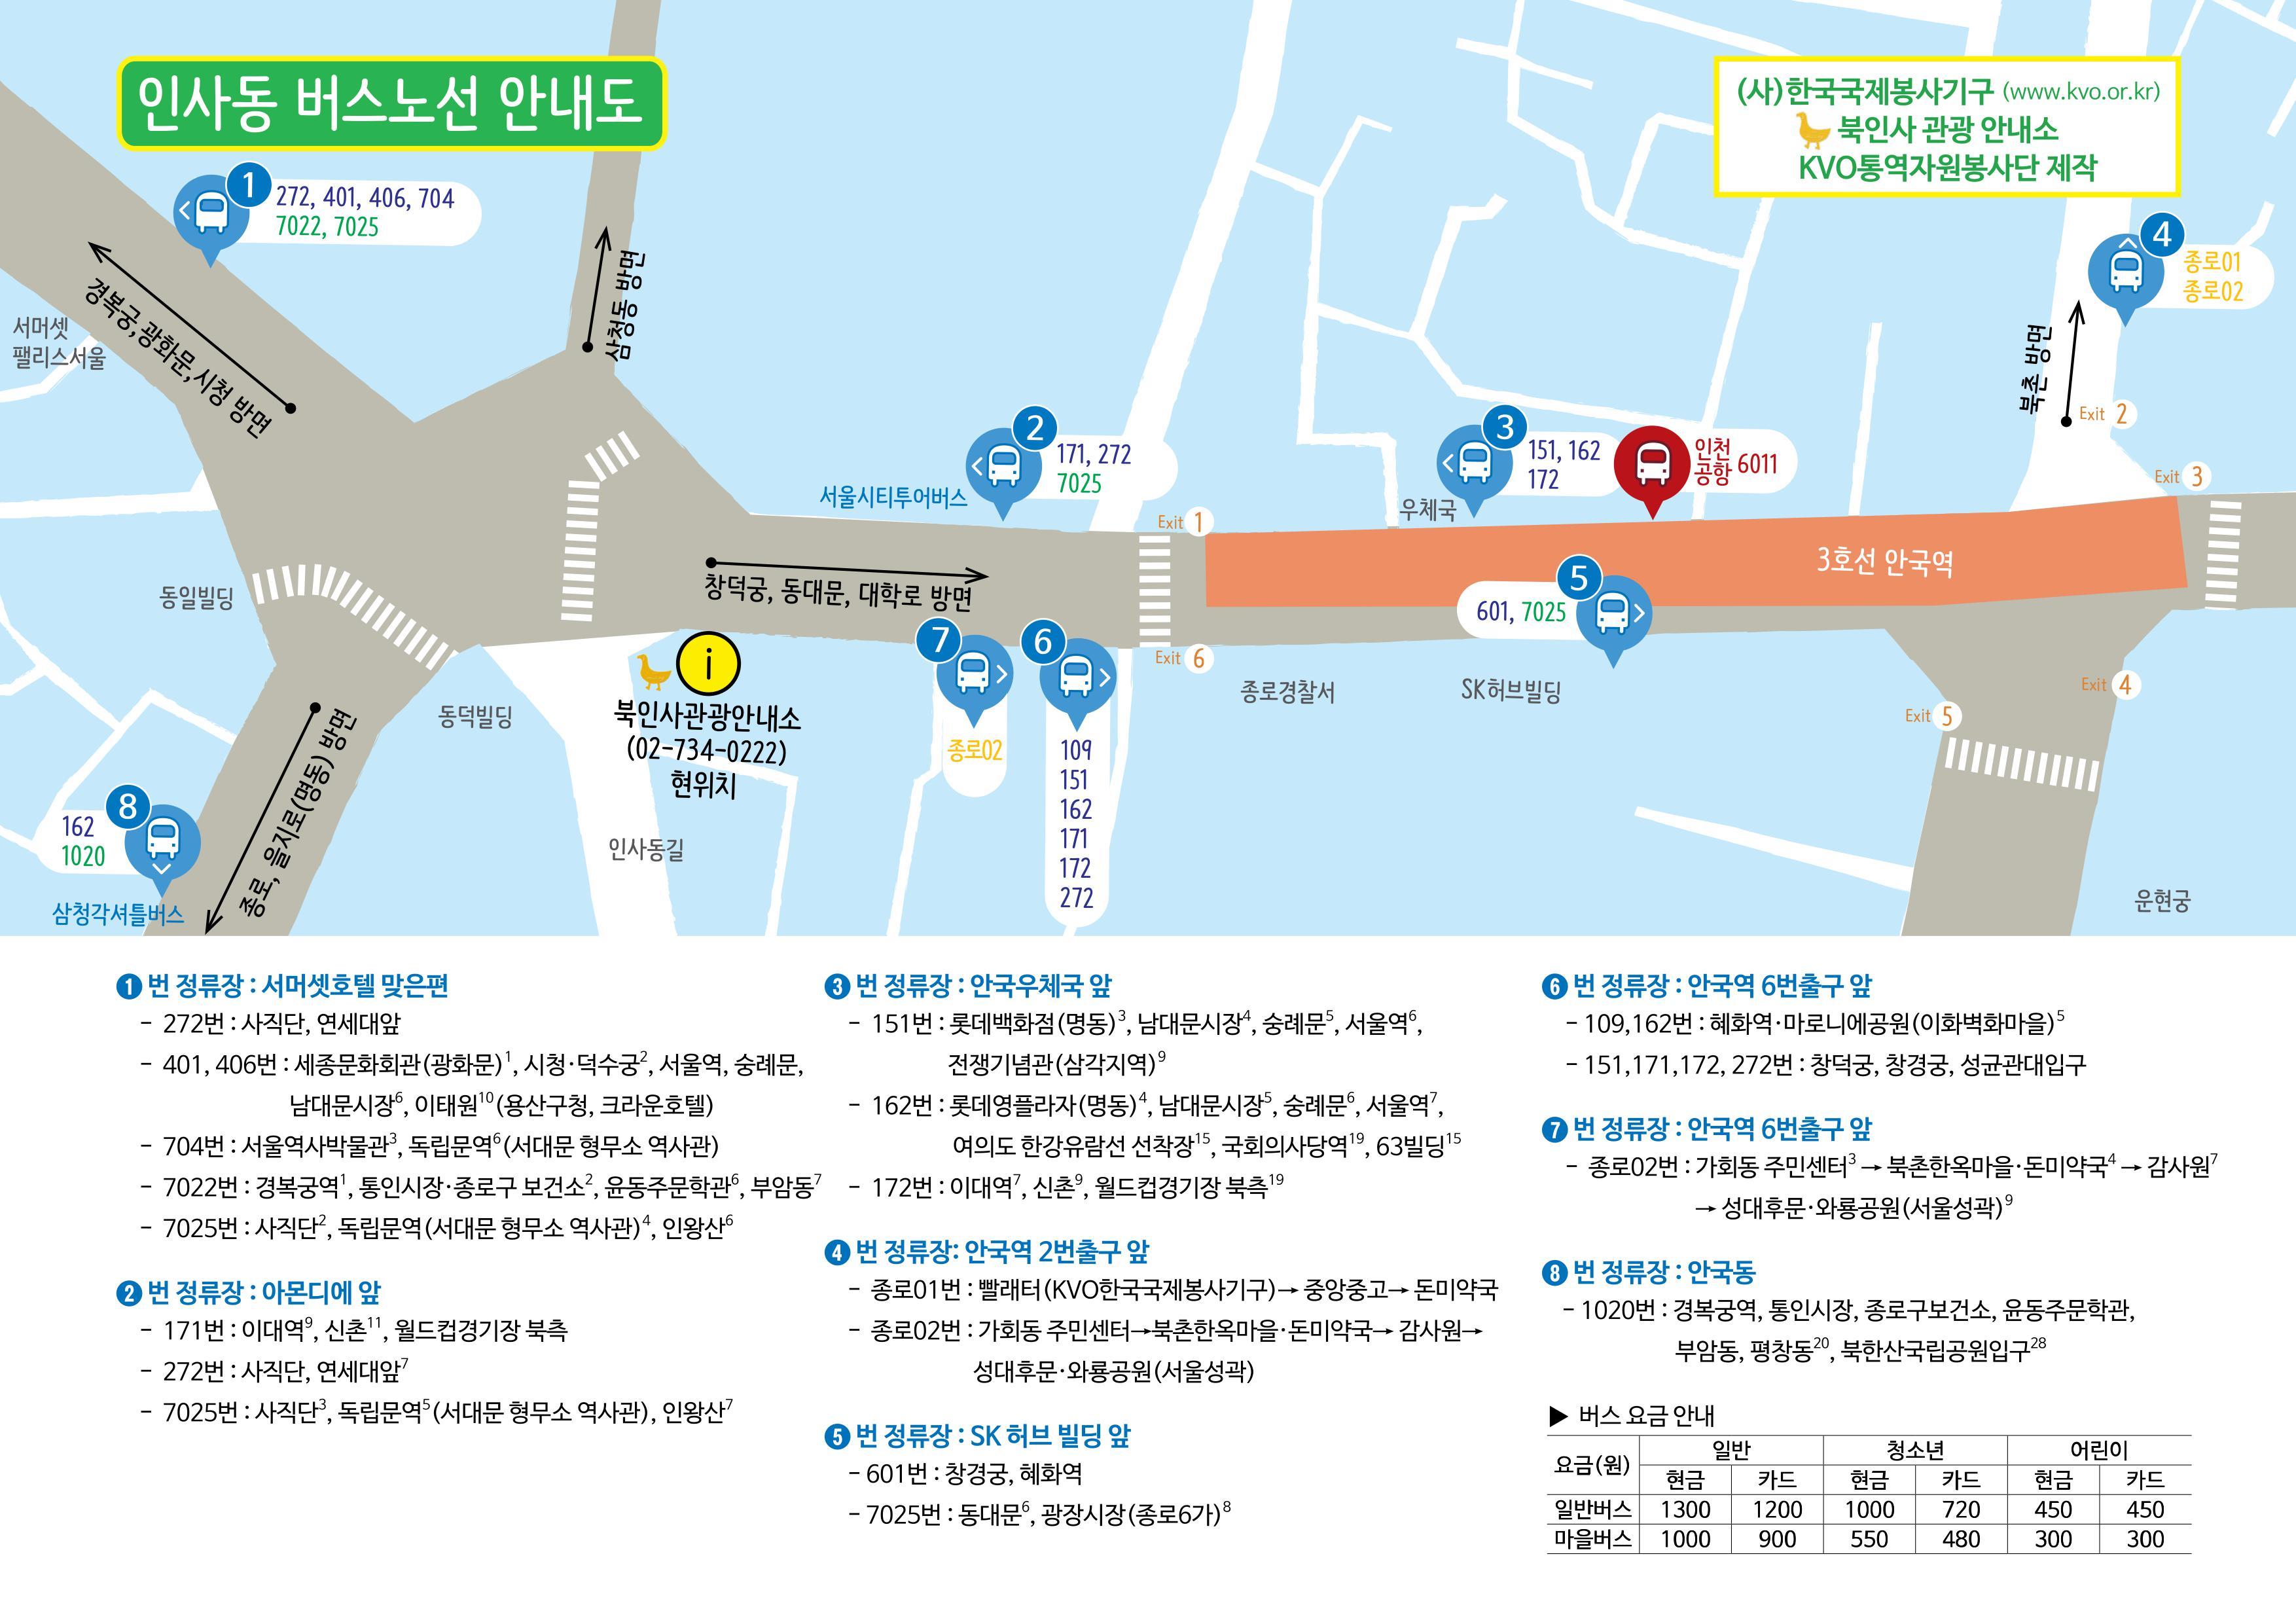 인사동 버스노선-국문-최종(170115).jpg